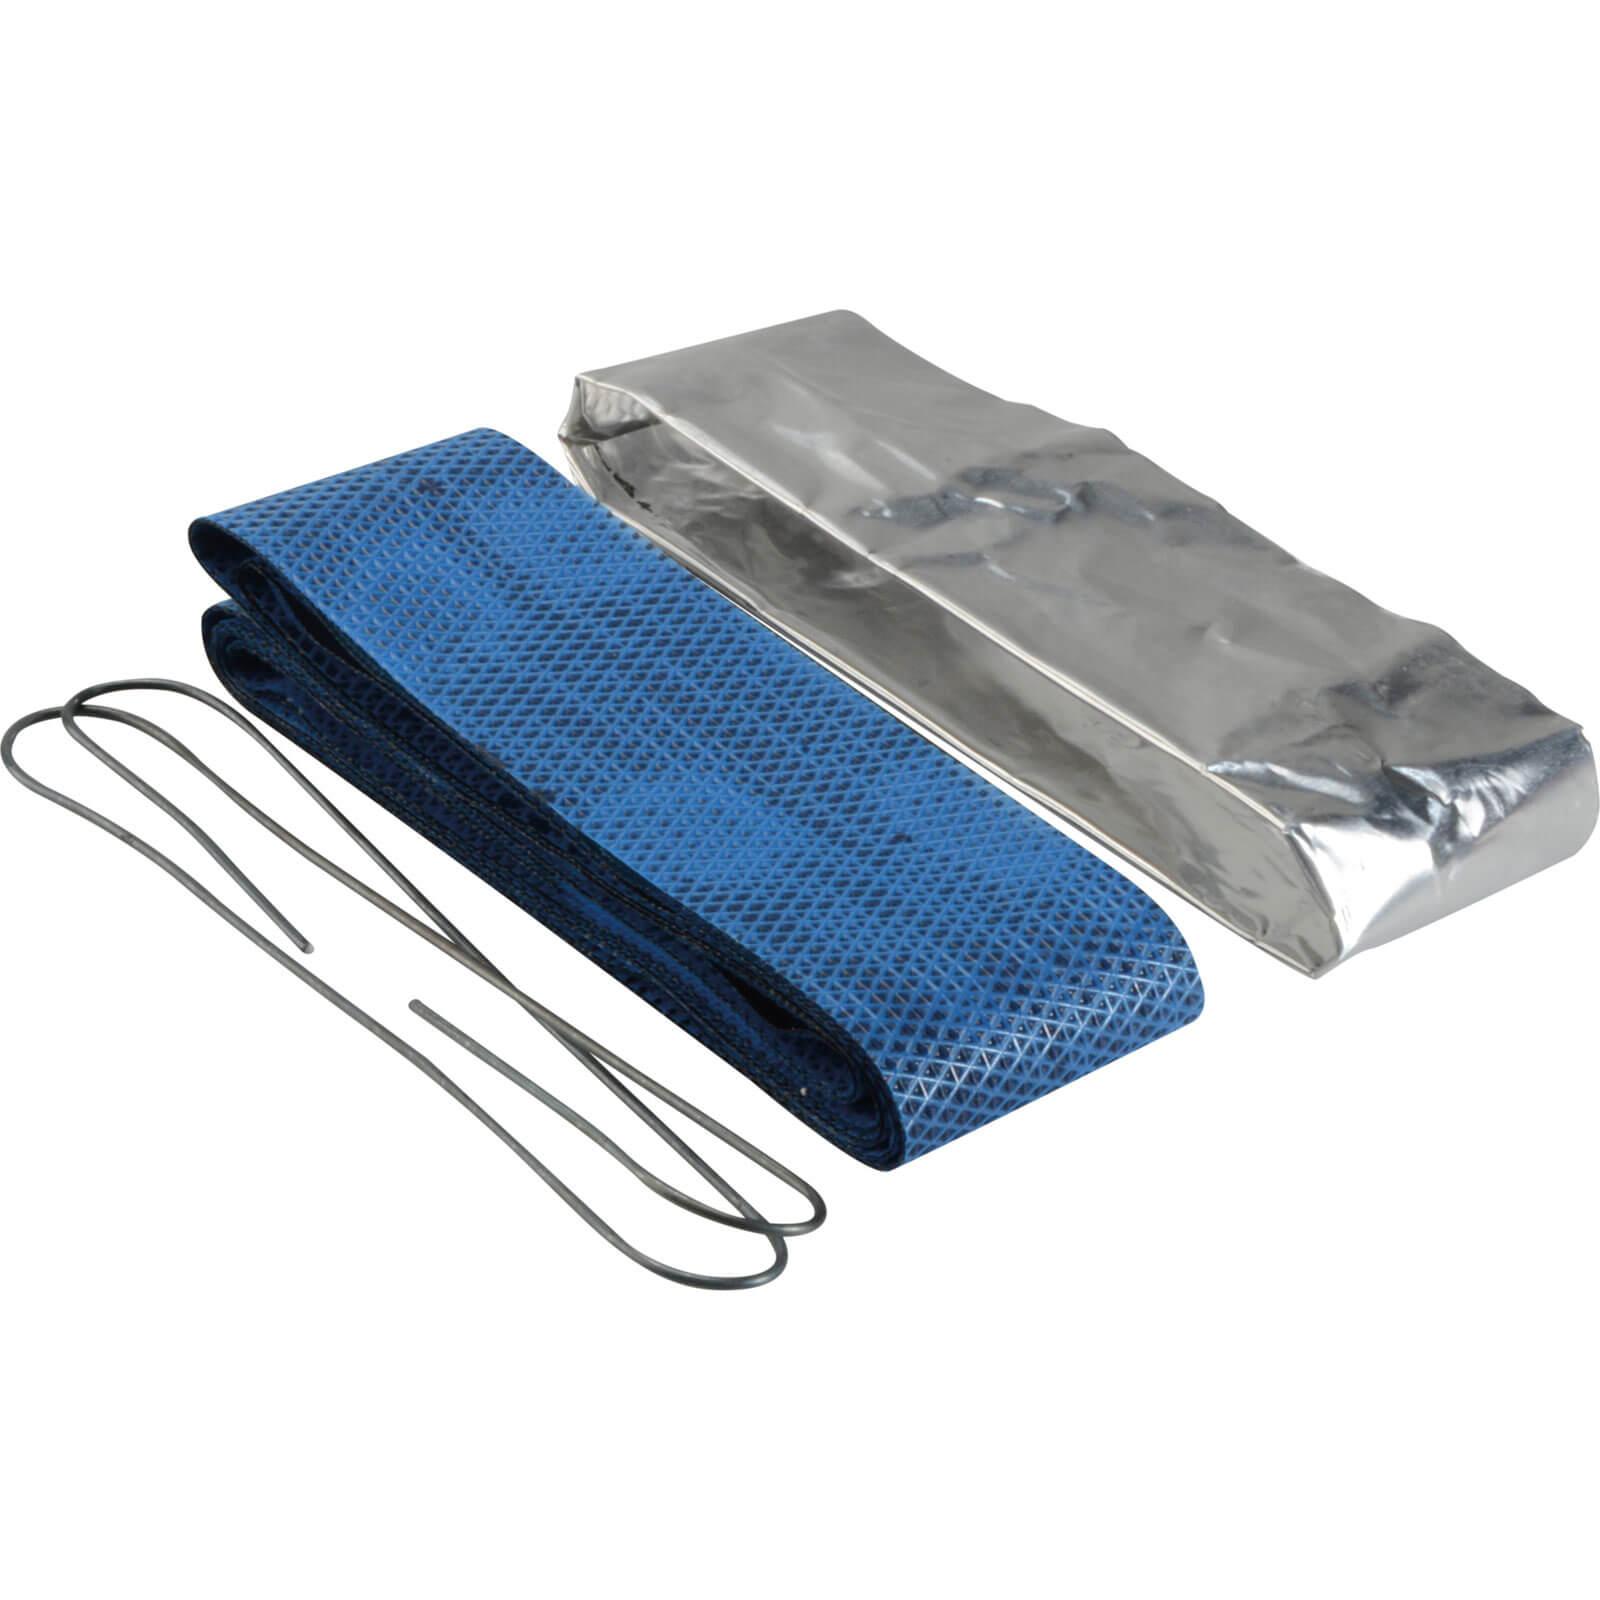 Image of CarPlan Exhaust Repair Bandage